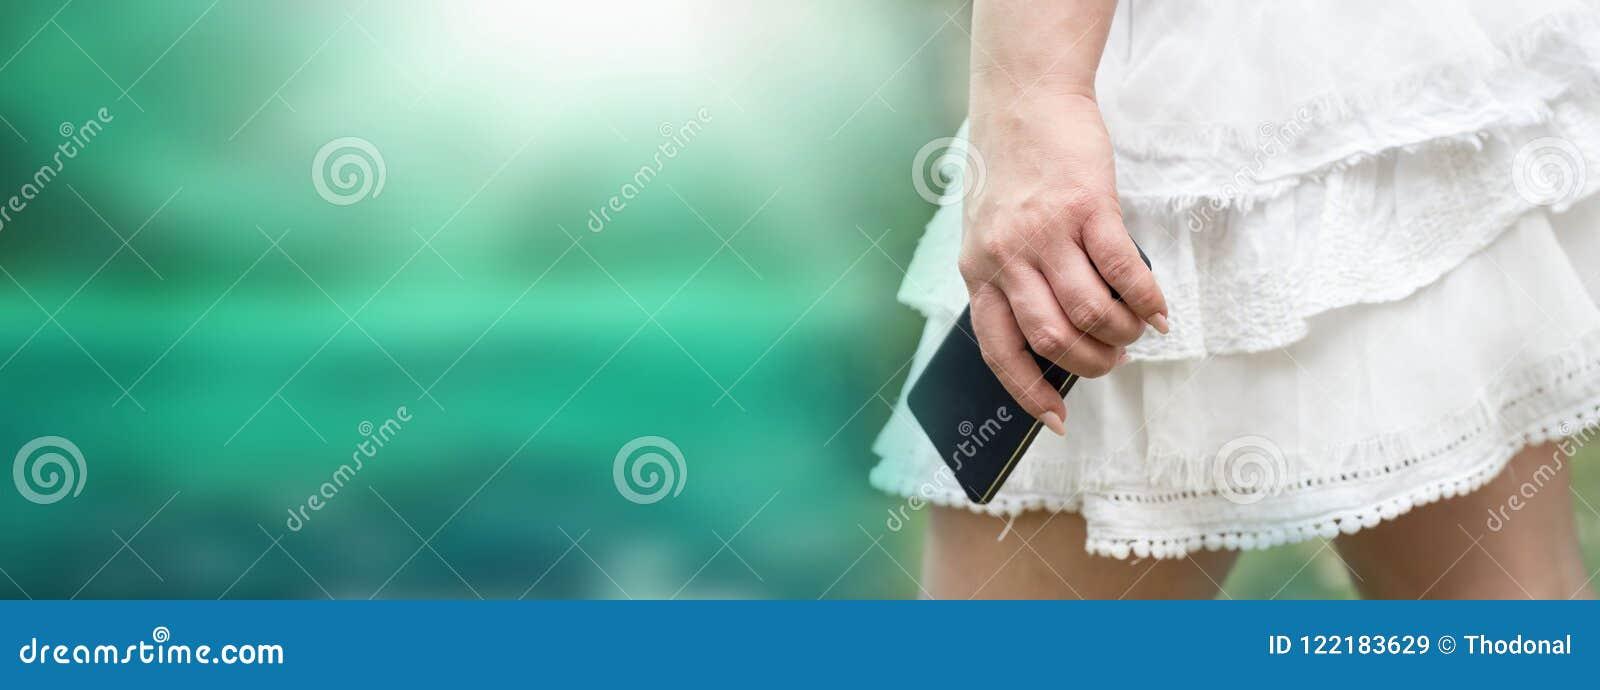 Молодая женщина в белой юбке с мобильным телефоном в ее руке